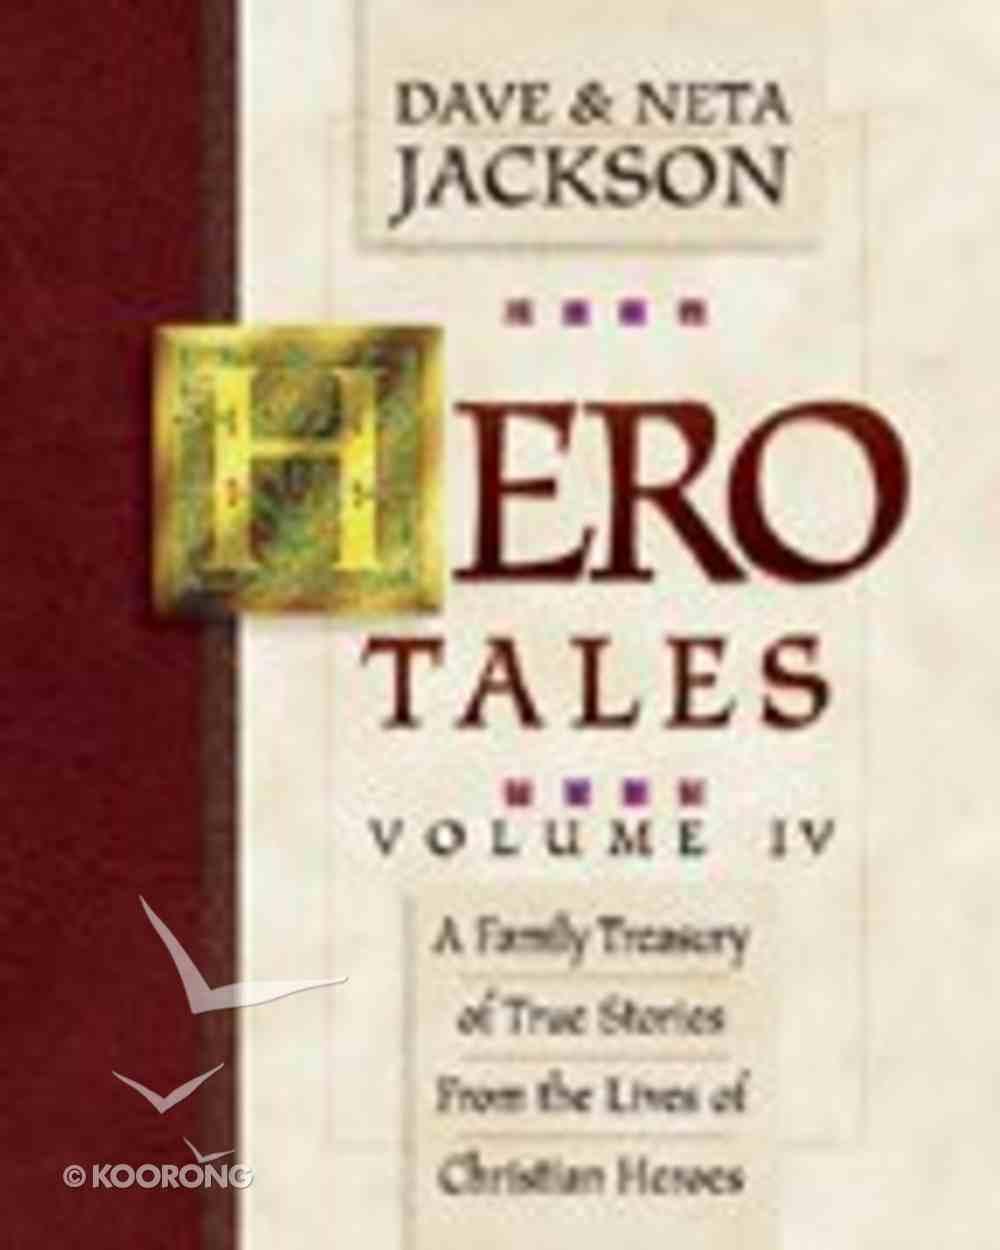 Hero Tales Volume 4 Paperback